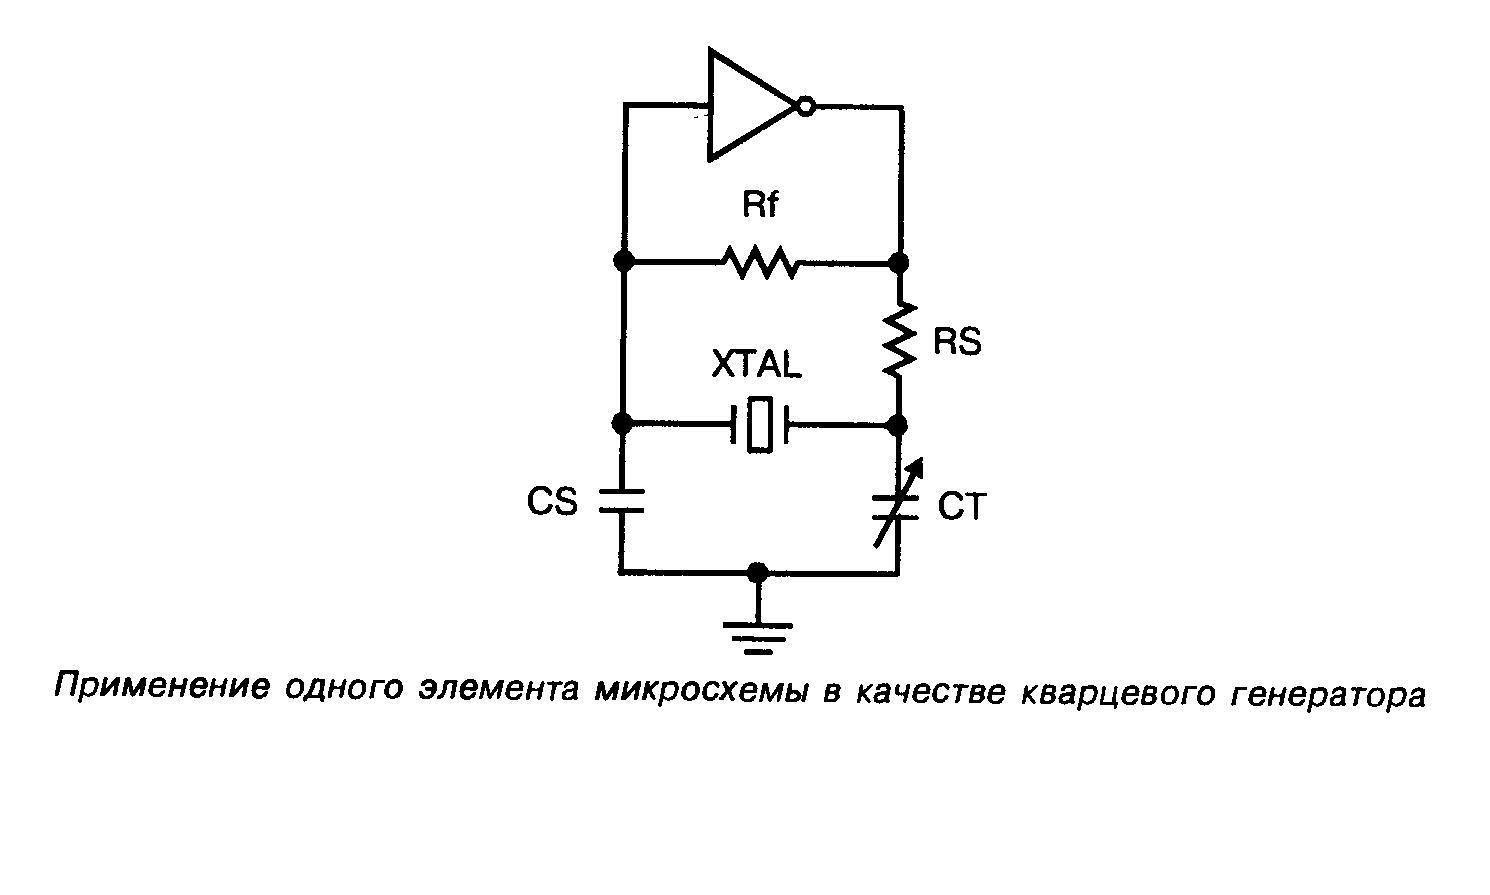 Кварцевый генератор схема логических